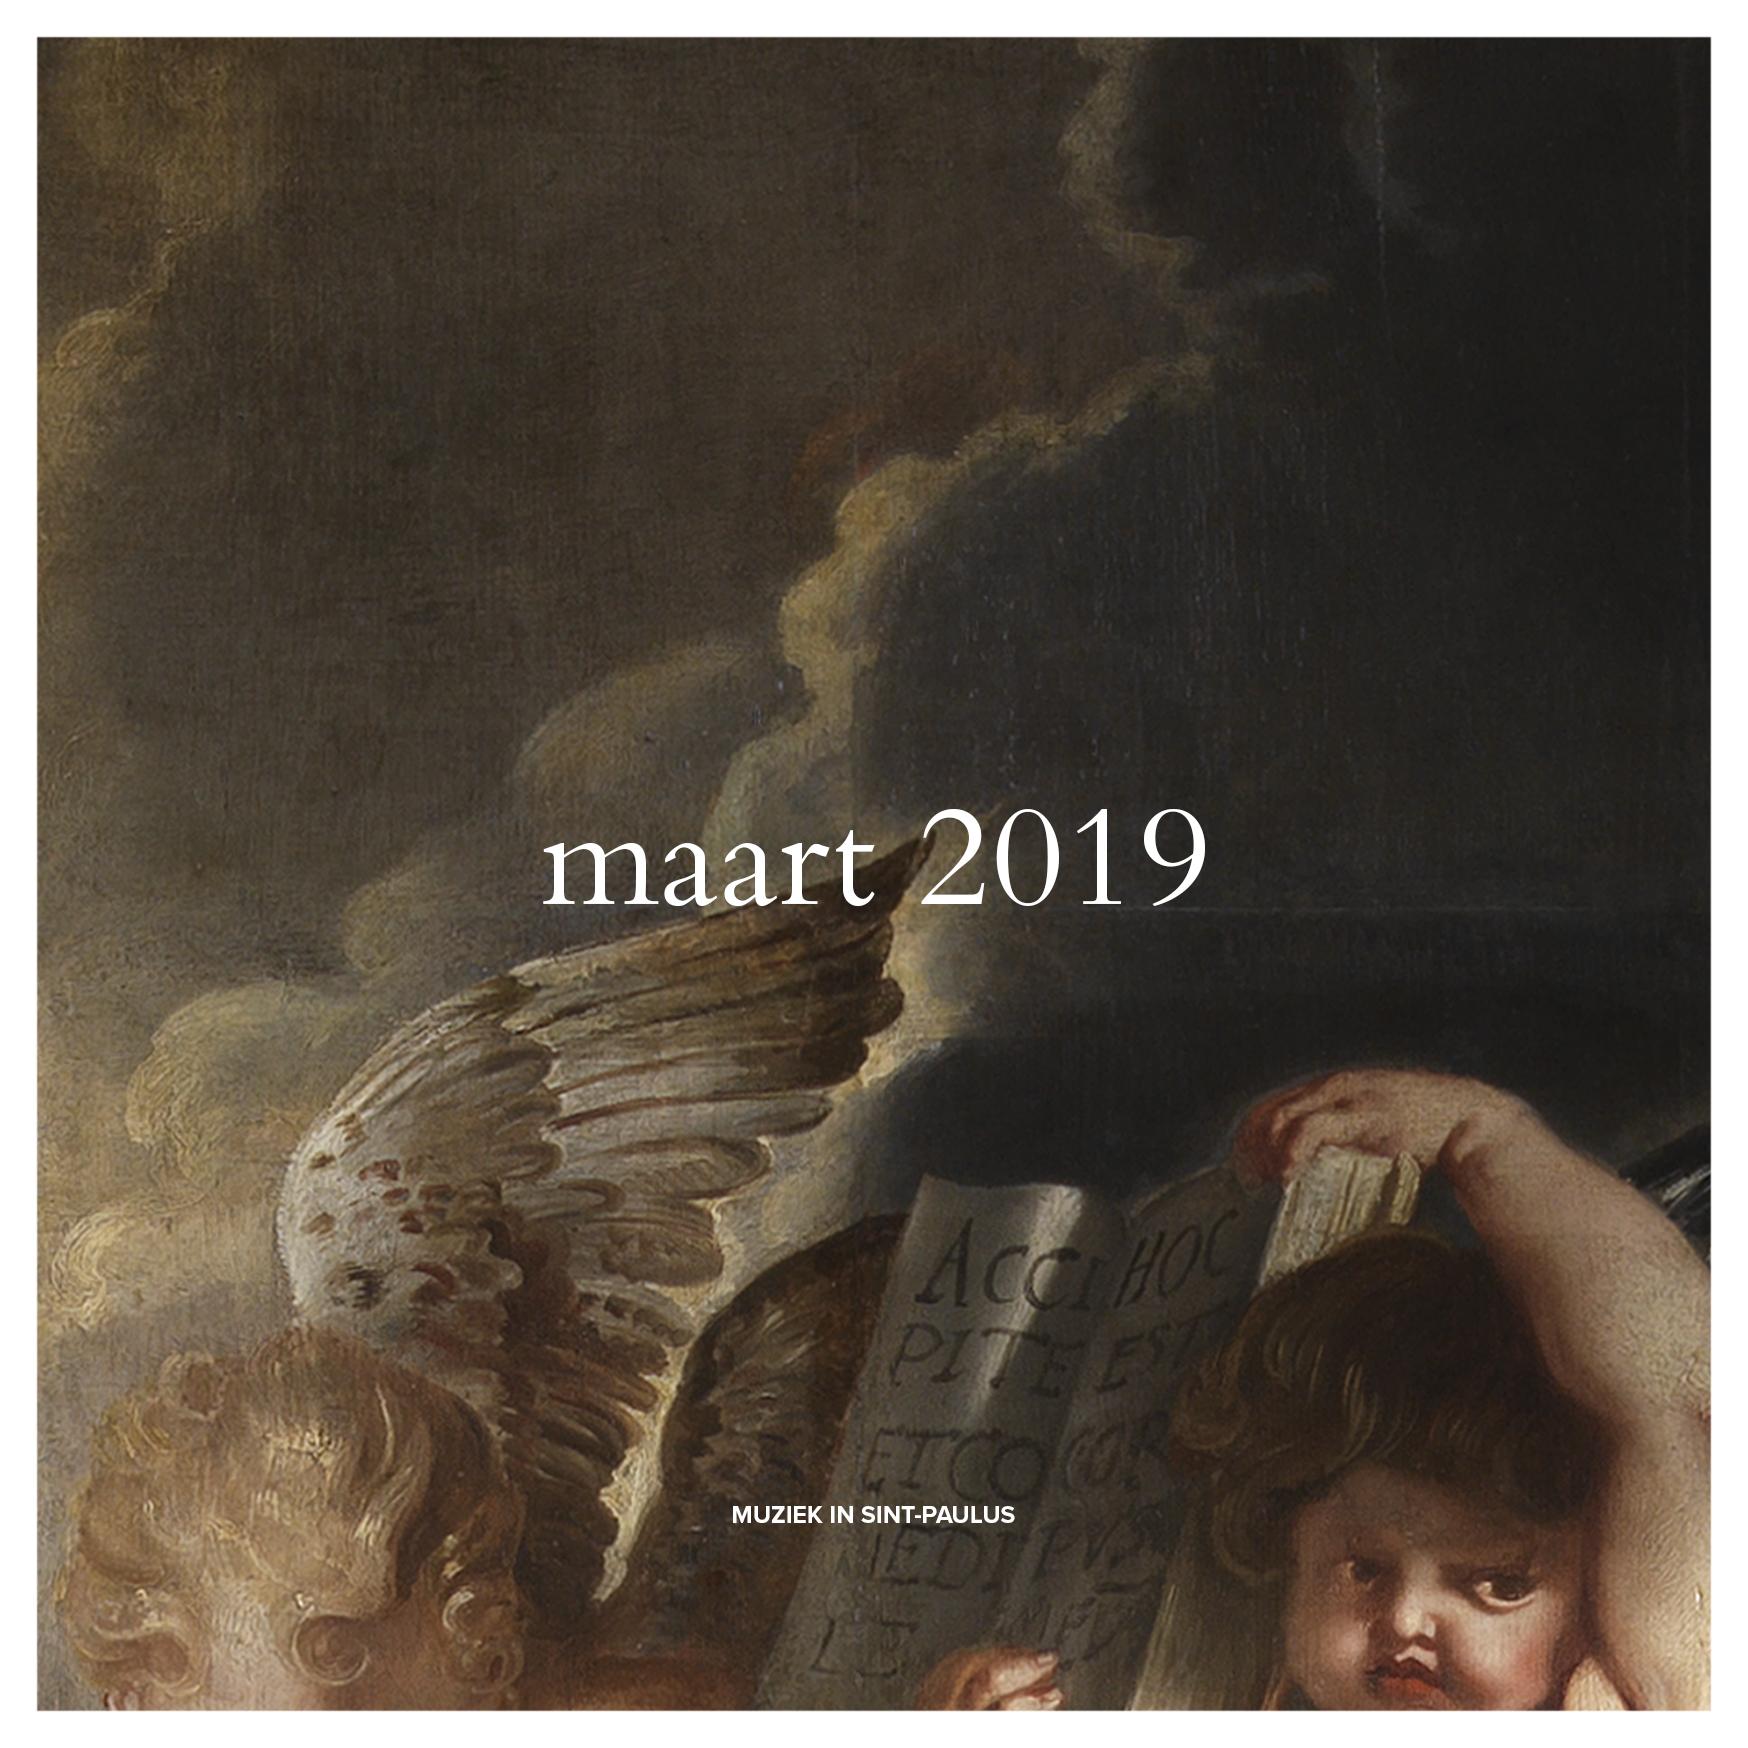 Muziek in Sint-Paulus - Maart 2019